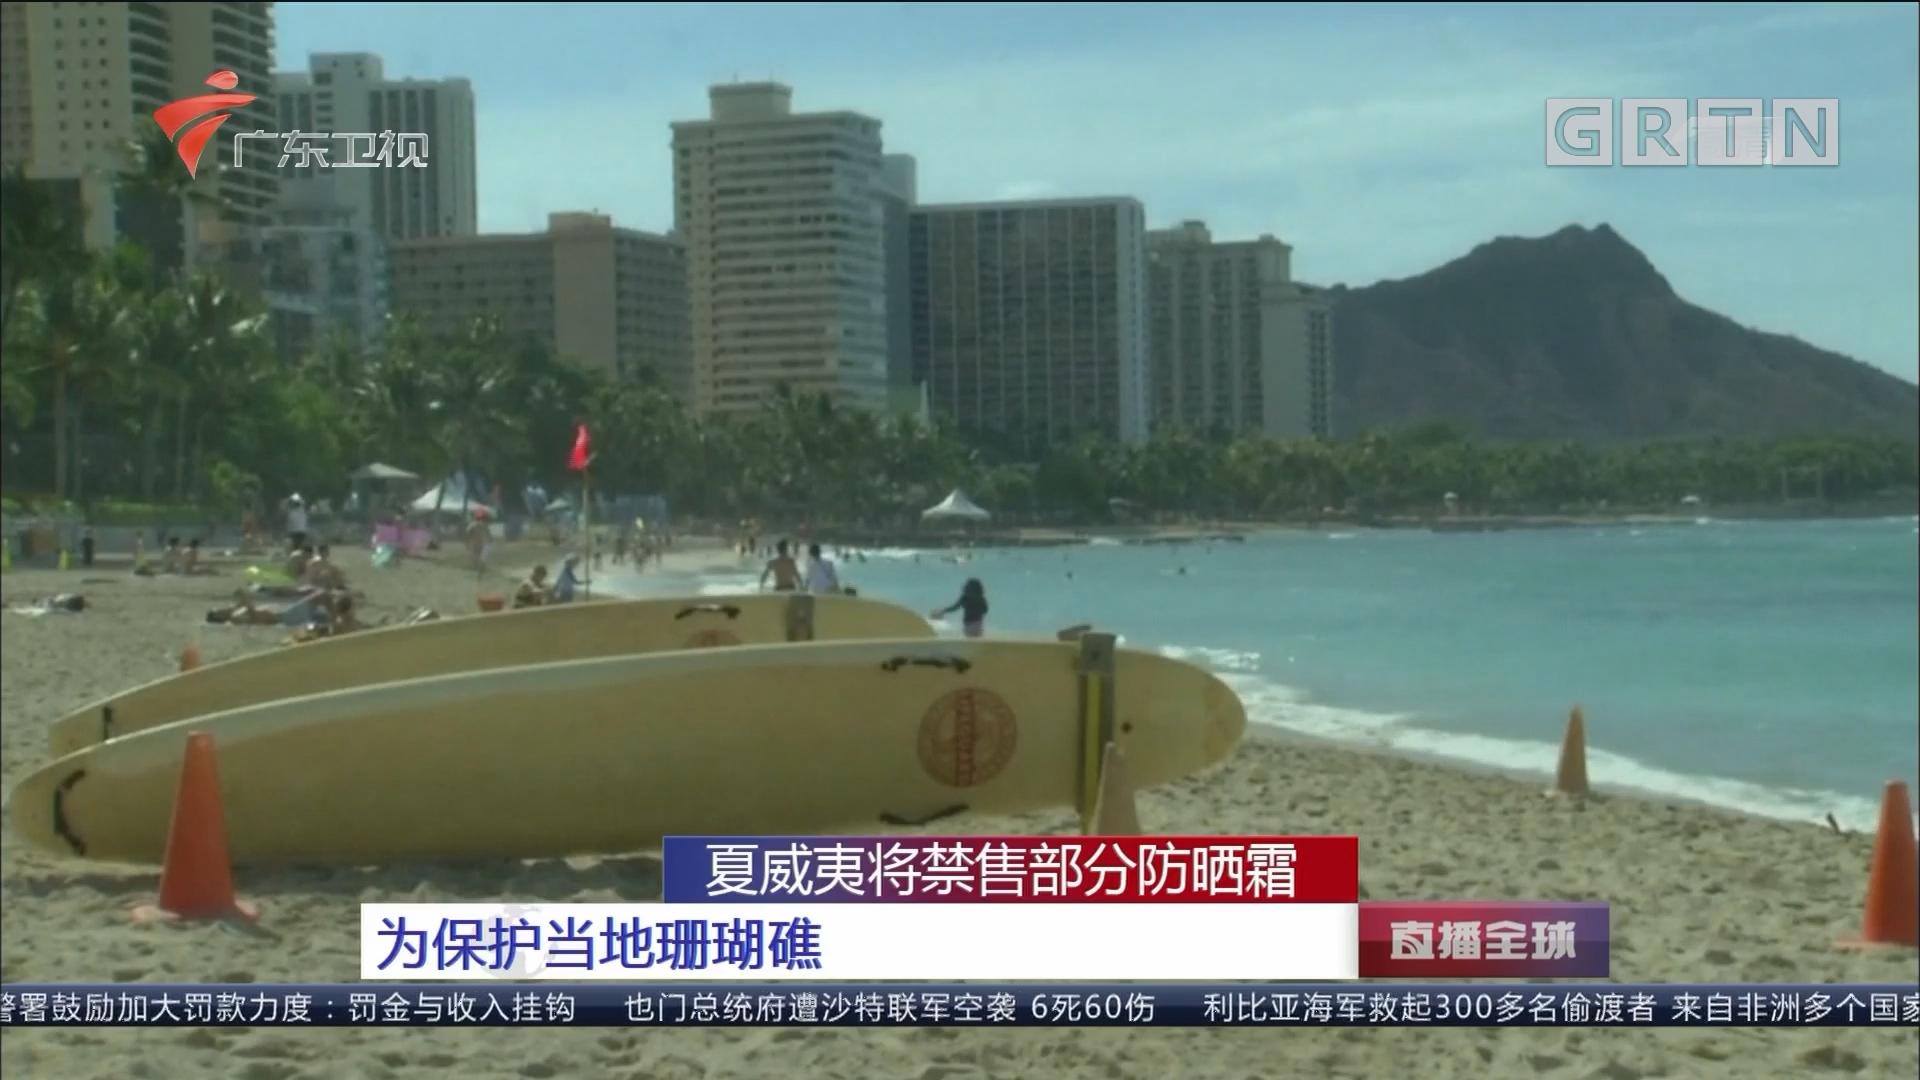 夏威夷将禁售部分防晒霜 为保护当地珊瑚礁